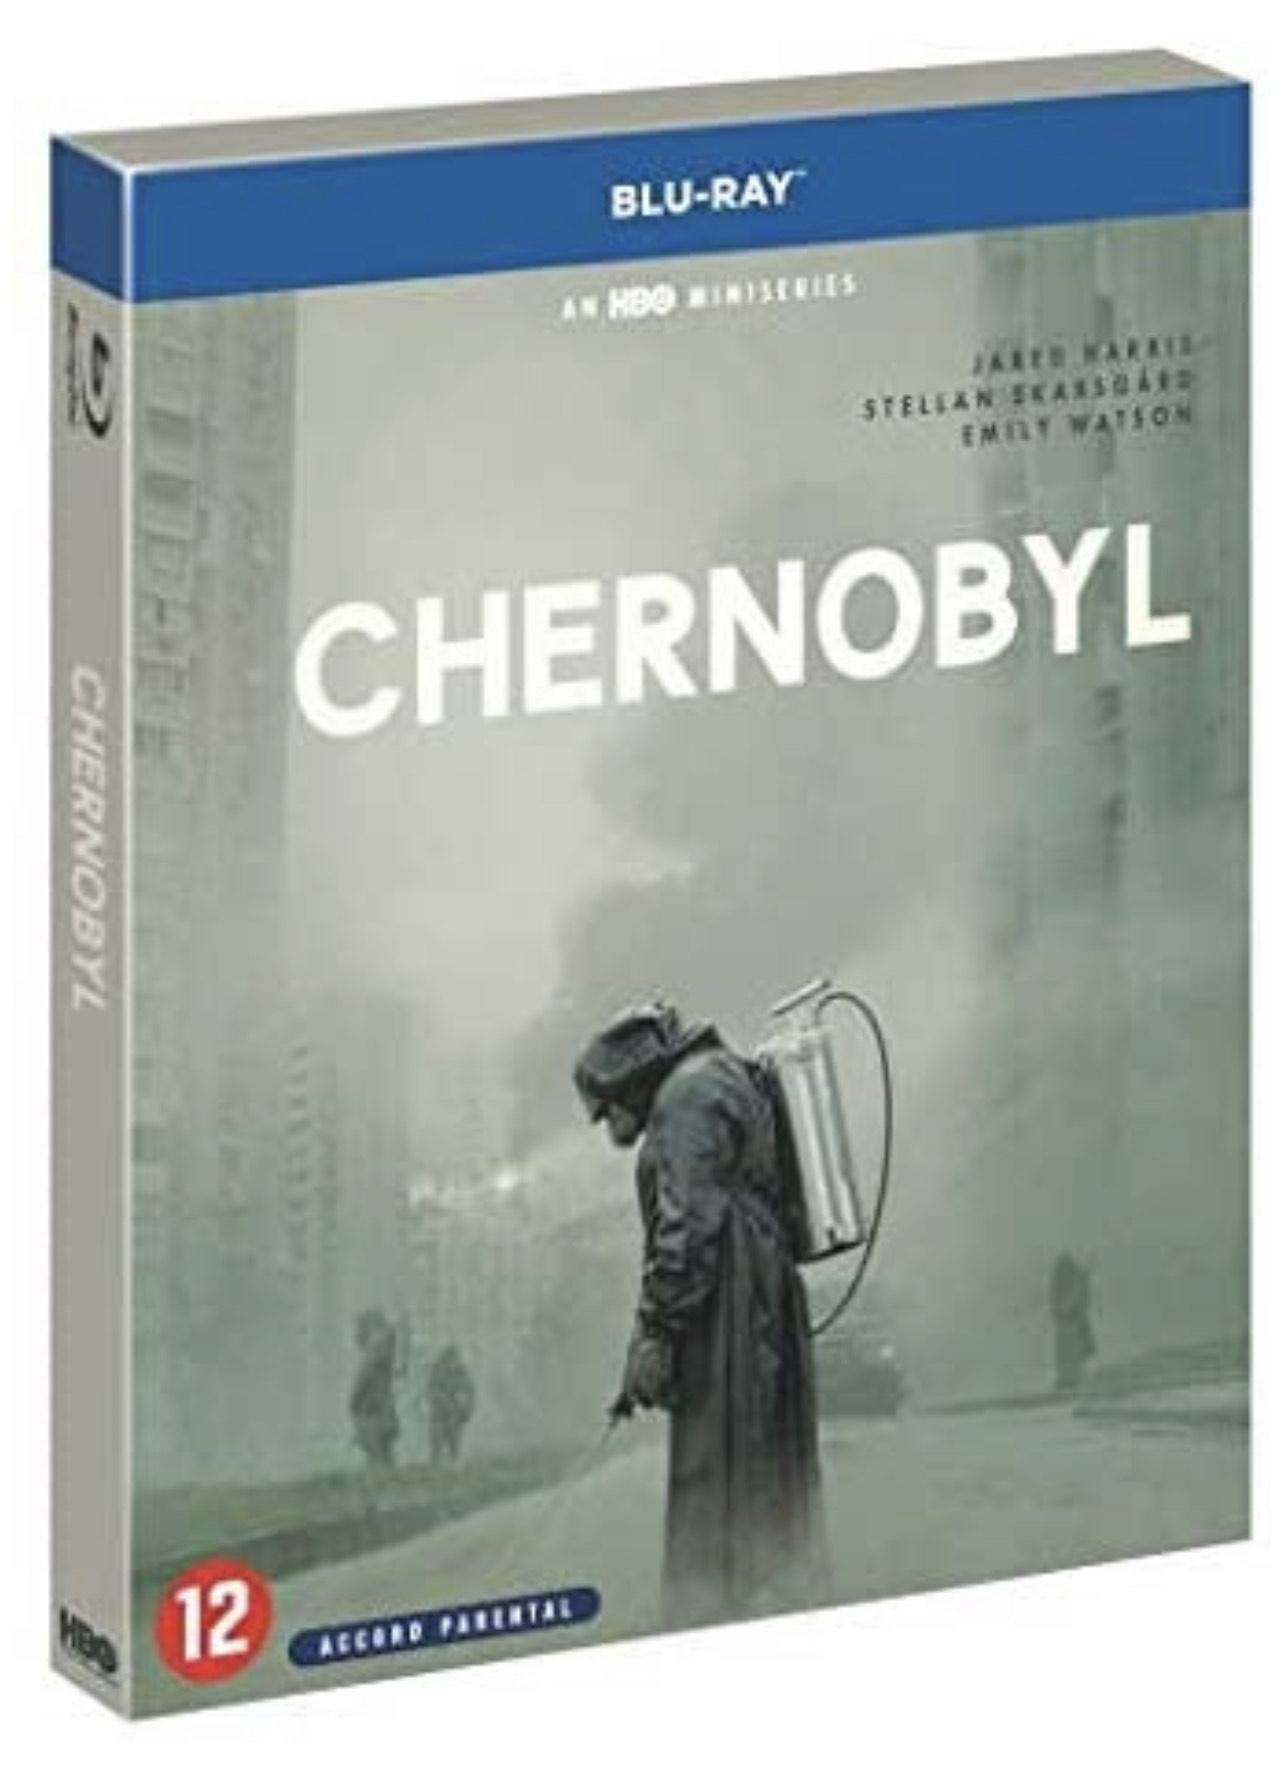 Chernobyl Blu-ray (Aanrader!!)